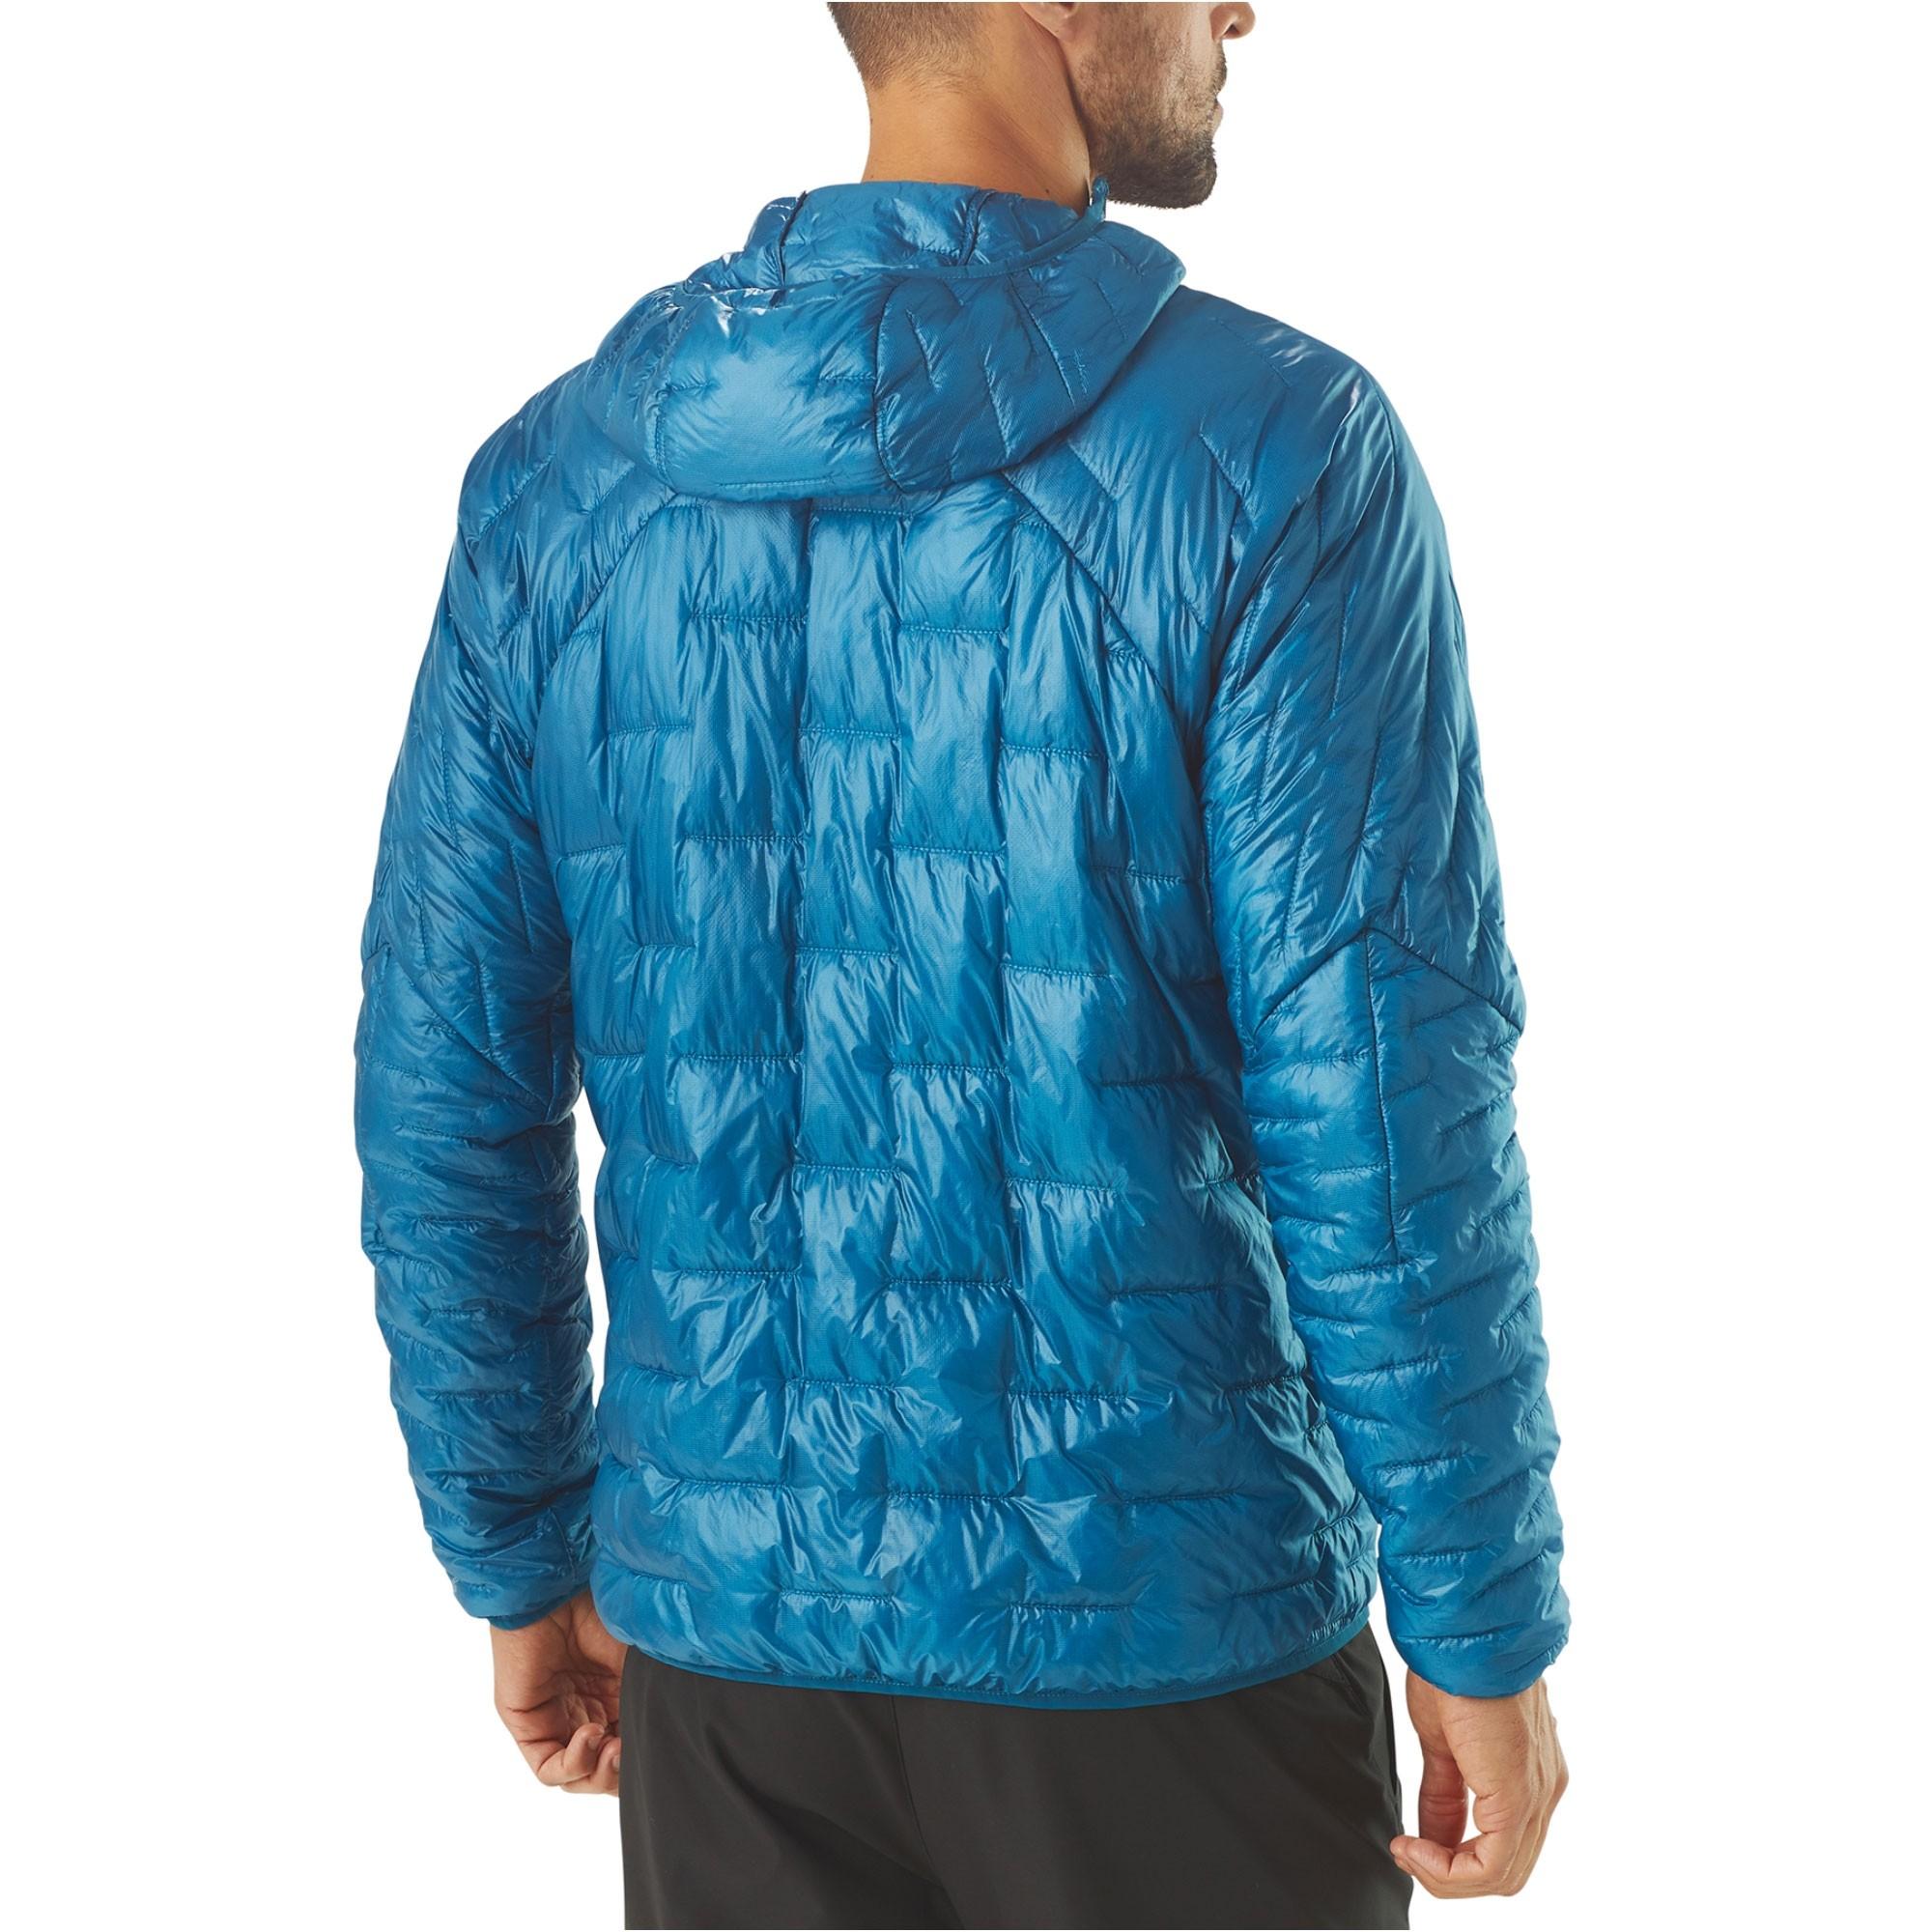 Patagonia Micro-Puff Hoody - Balkan Blue - back